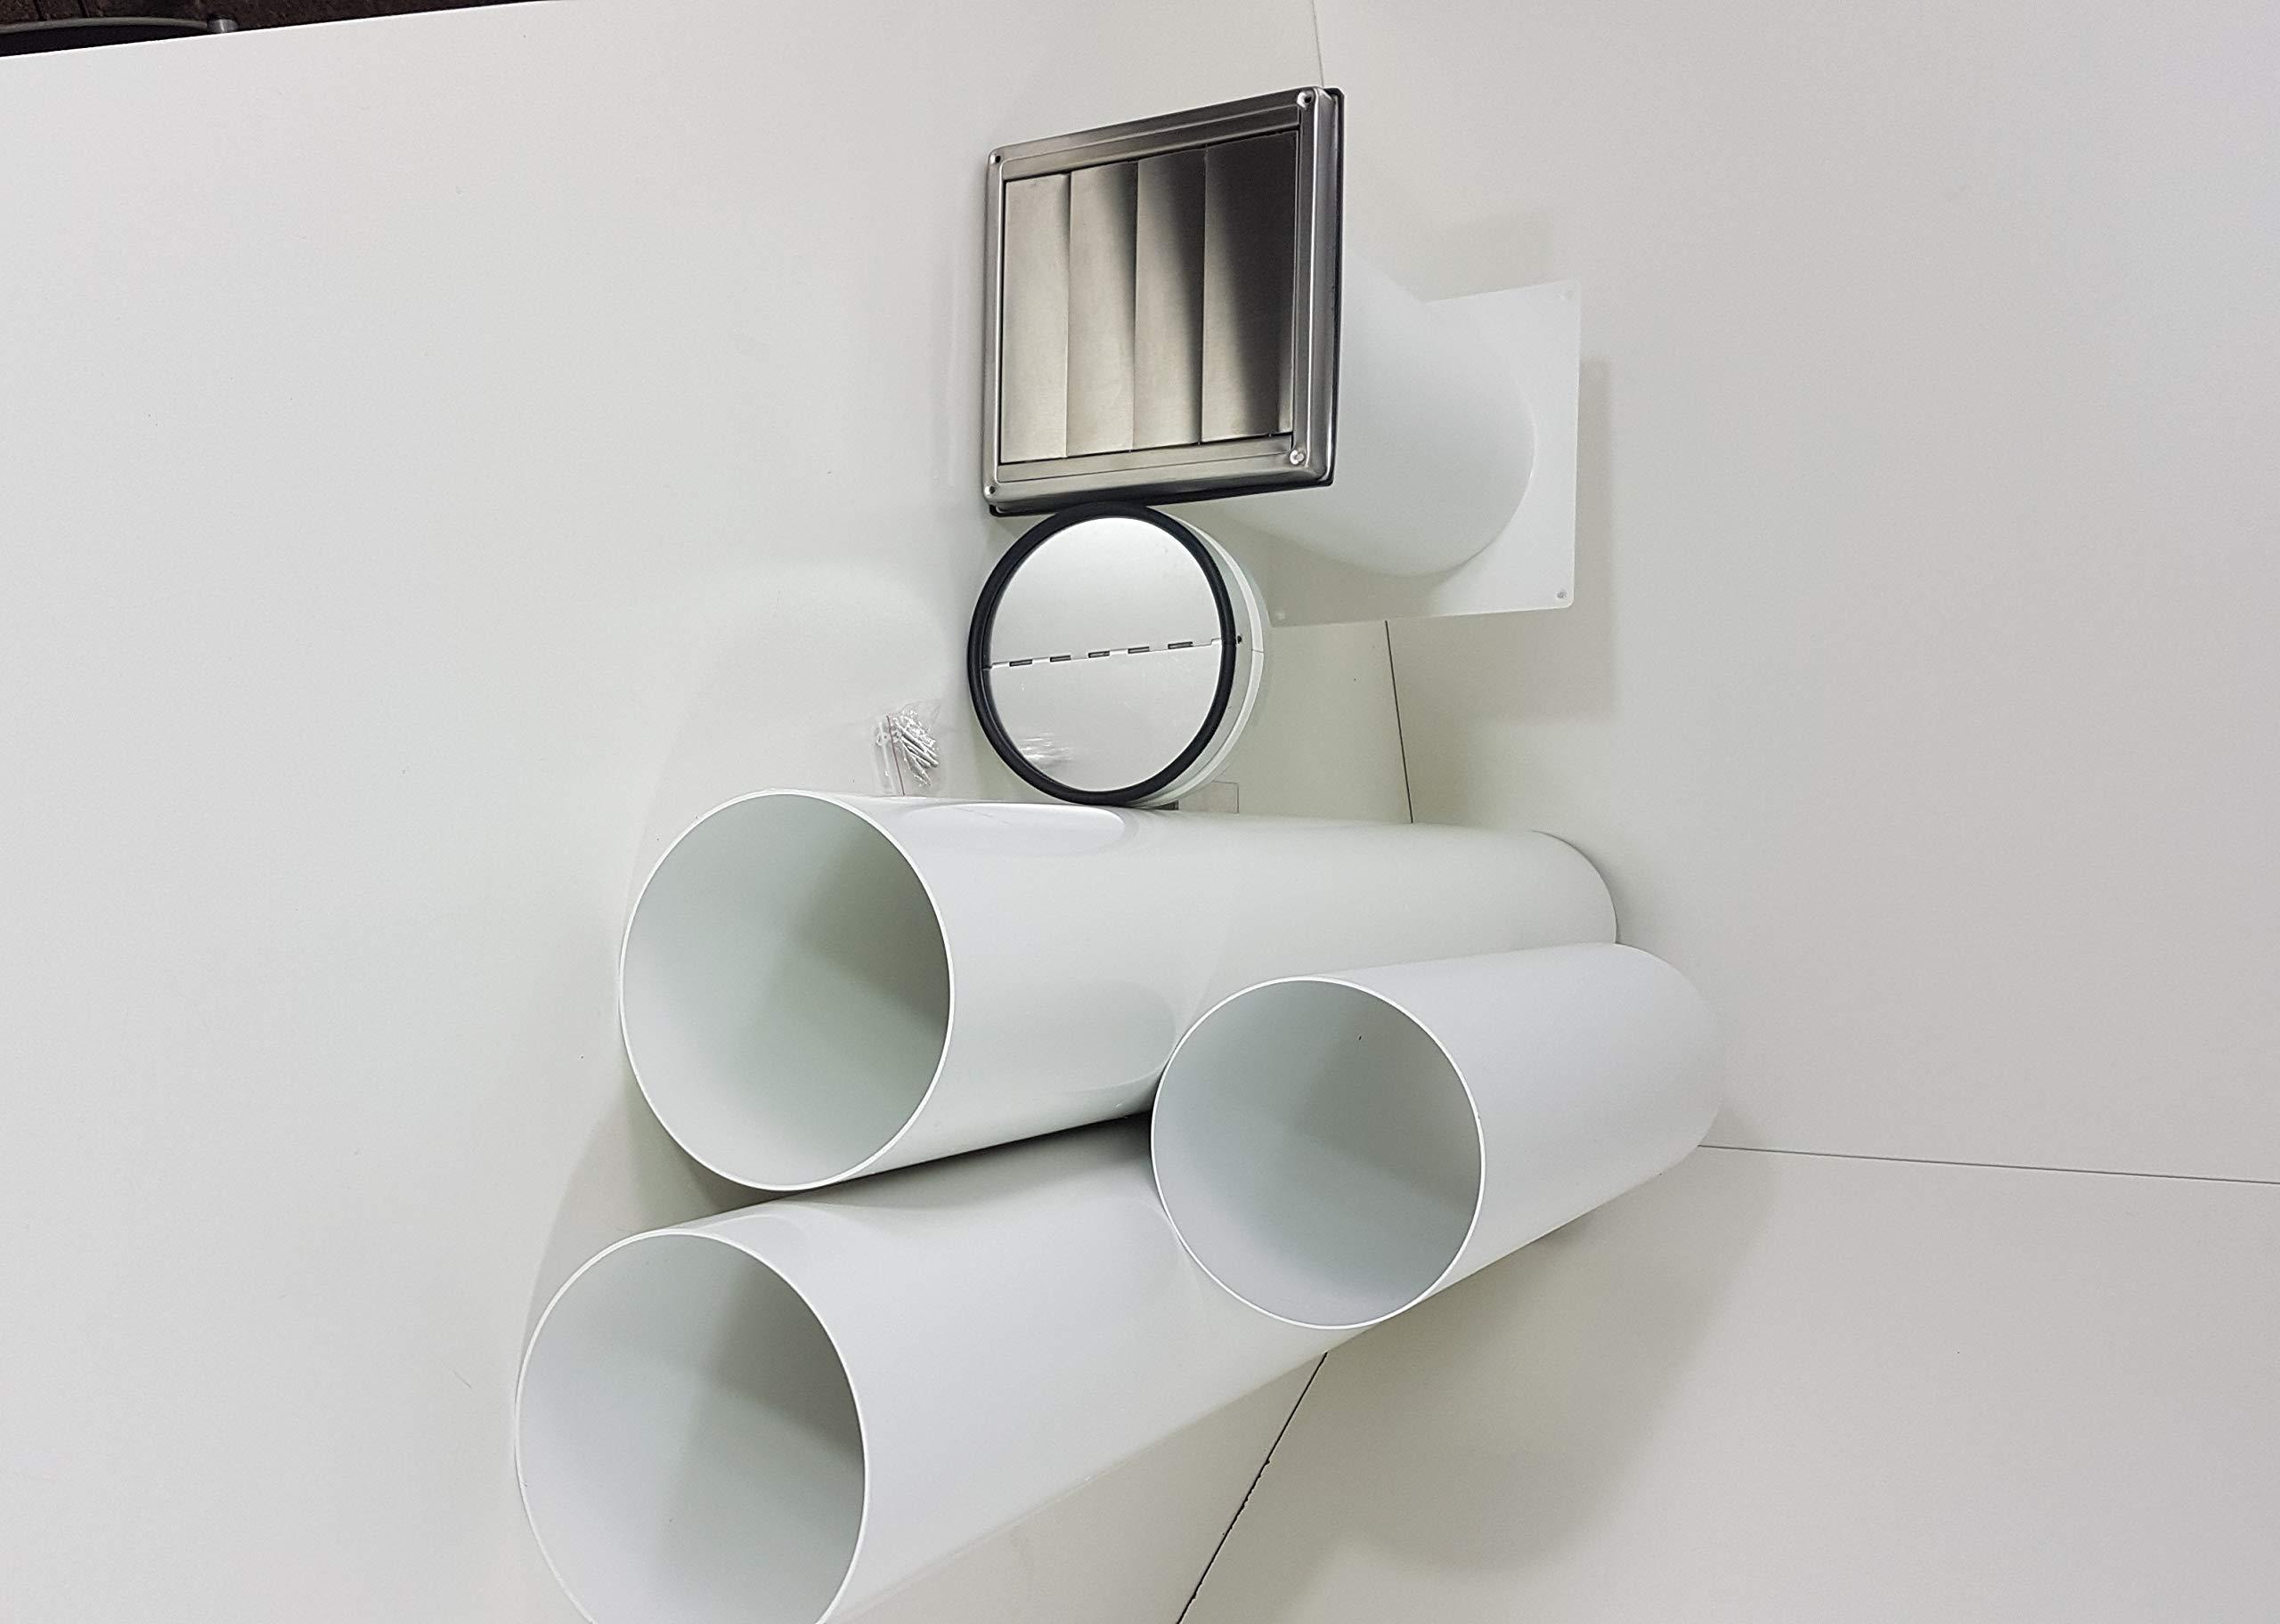 Muro Buzón NW 150 Campana Tubo telescópico con tubo de Juego y arco S2 de R De mkwskqle de bdsi: Amazon.es: Hogar